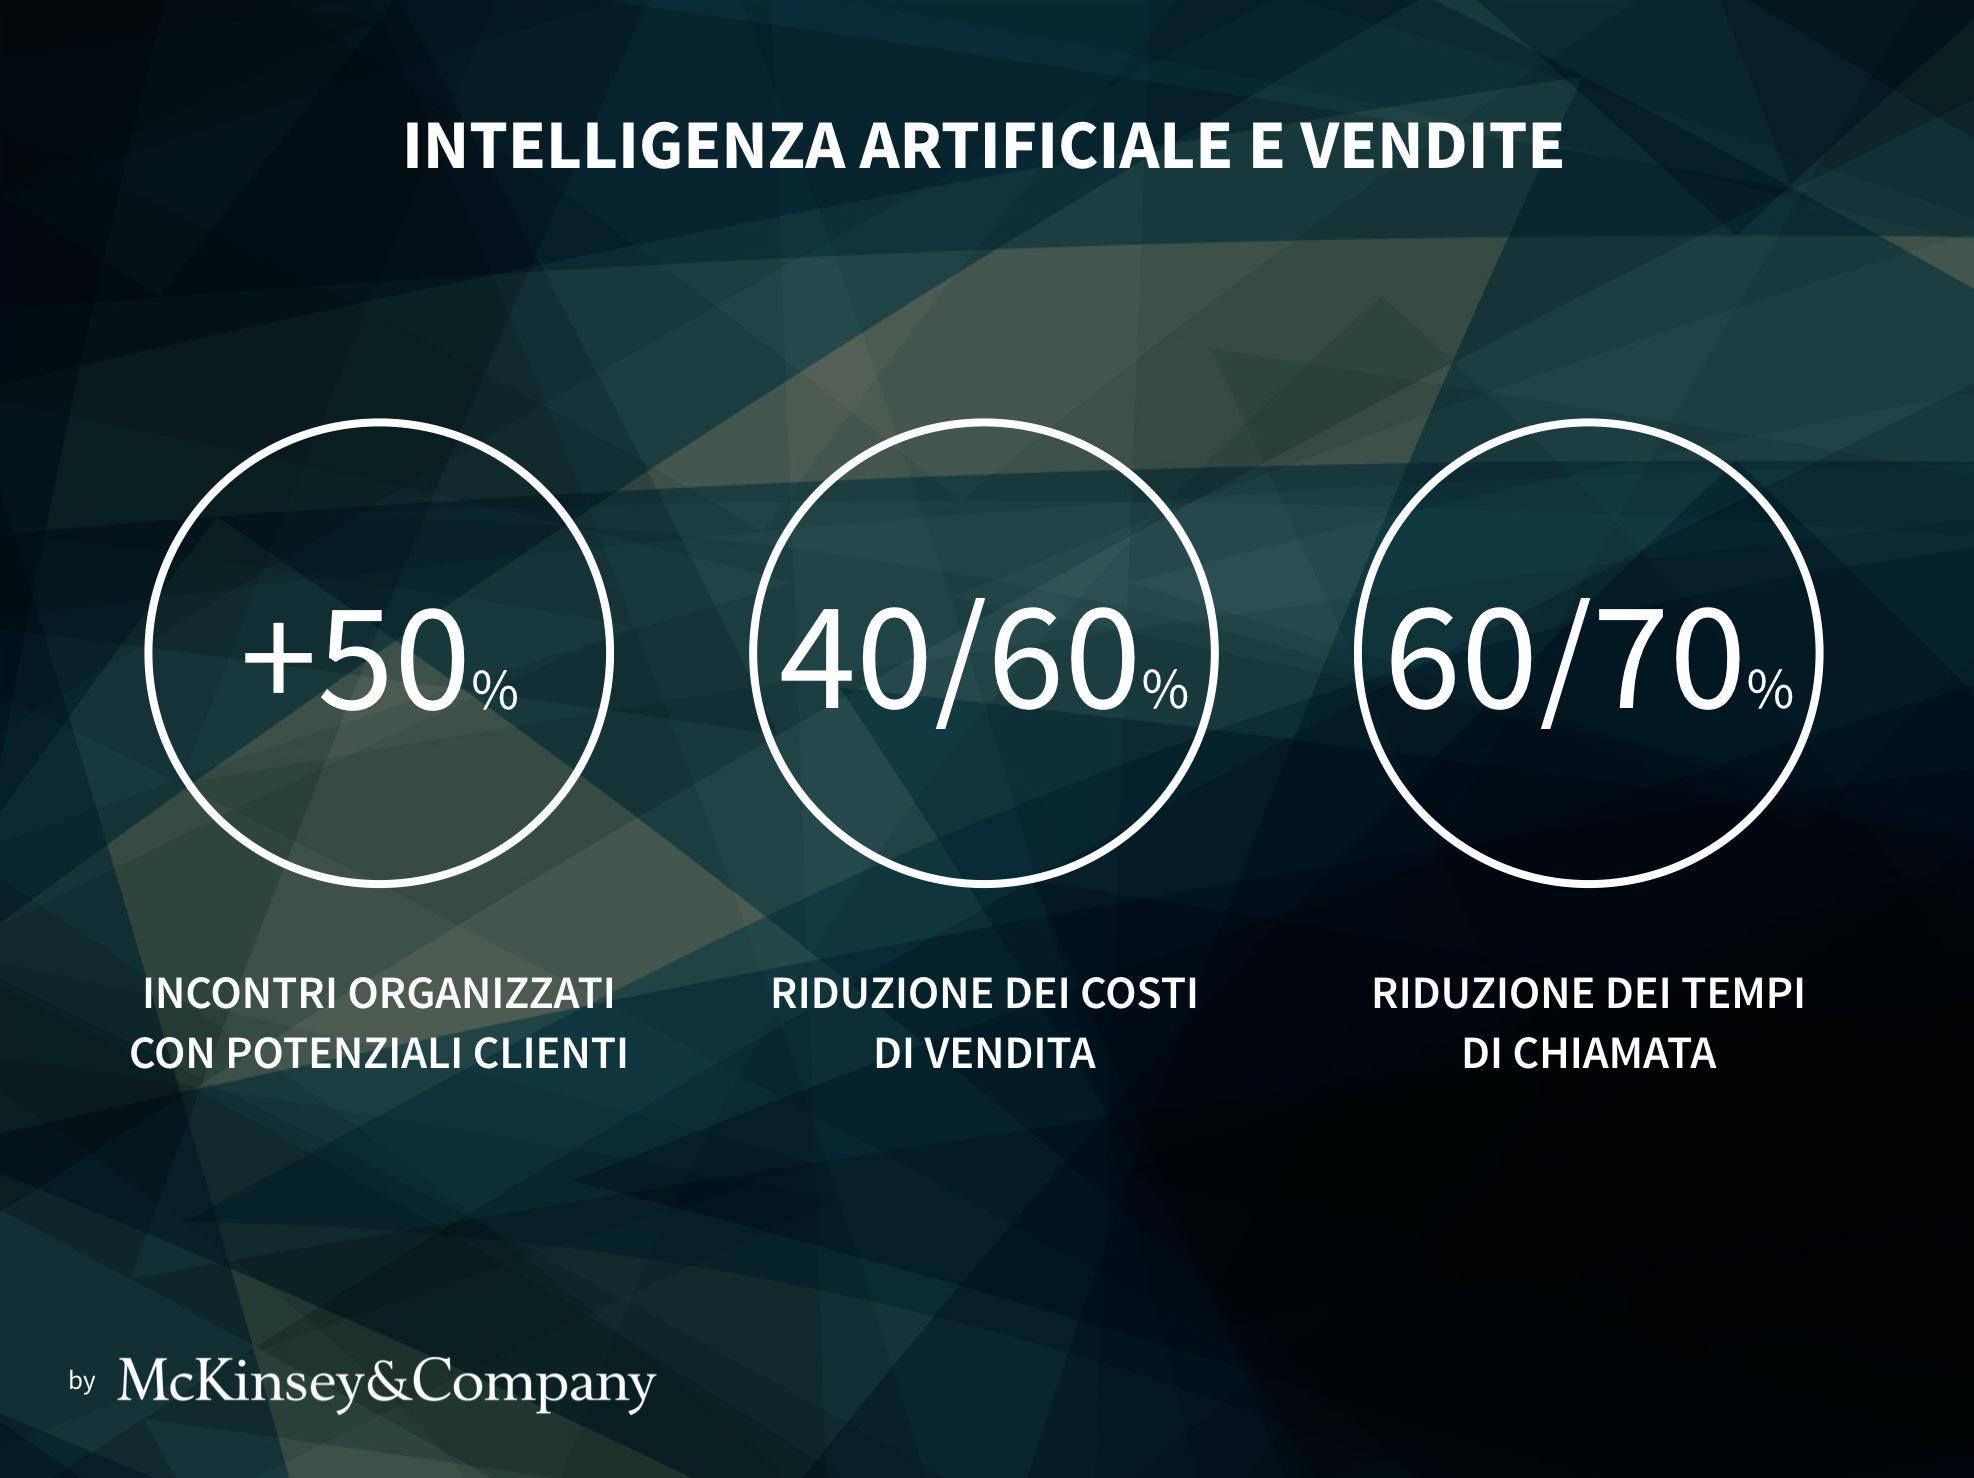 futuro-vendite-intelligenza-artifici-02